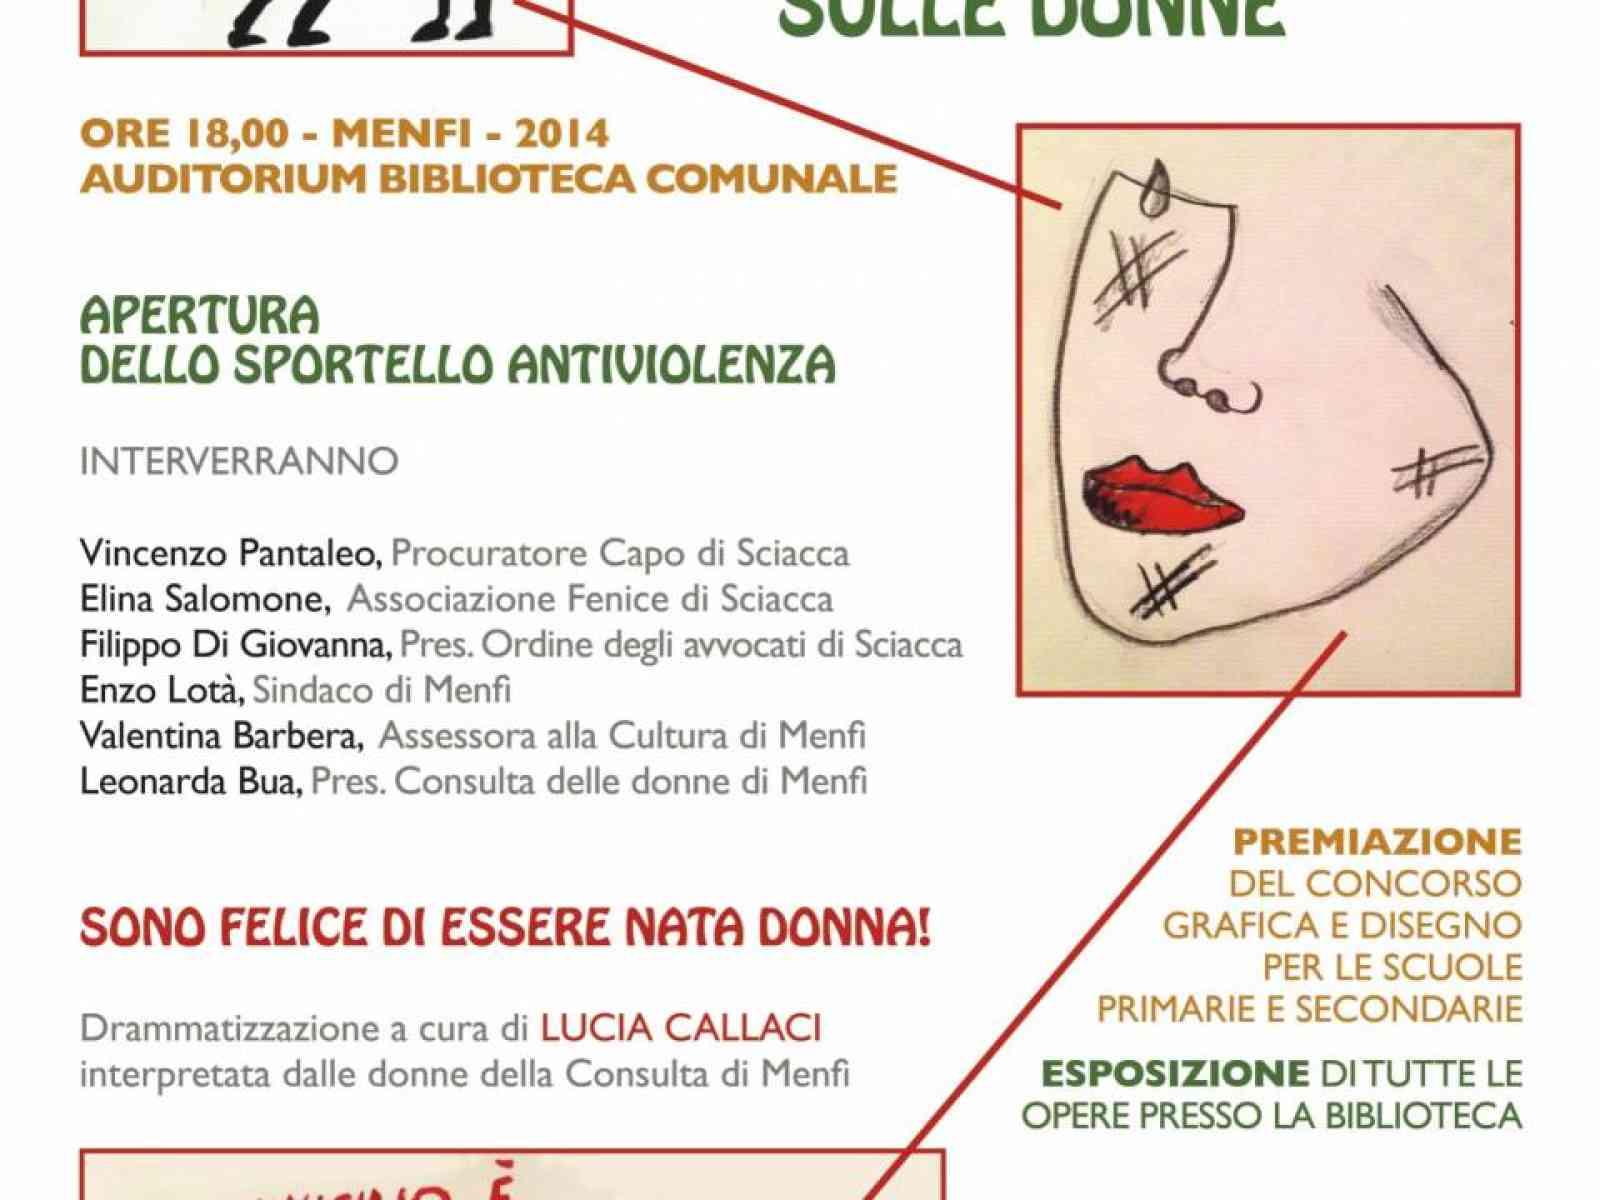 Il 25 Menfi celebra la giornata internazionale contro la violenza sulle donne